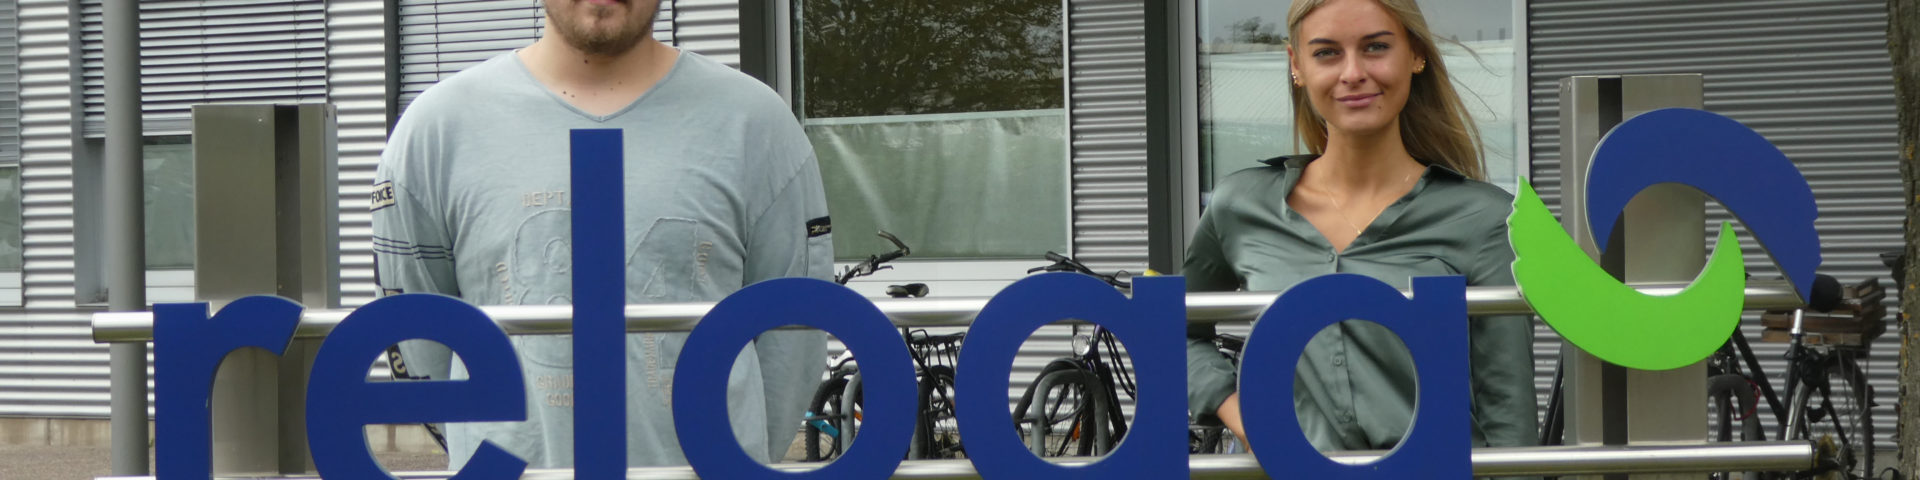 reloga azubis 2020 - ausbildung zu industriekauffrau und berufskraftfahrer